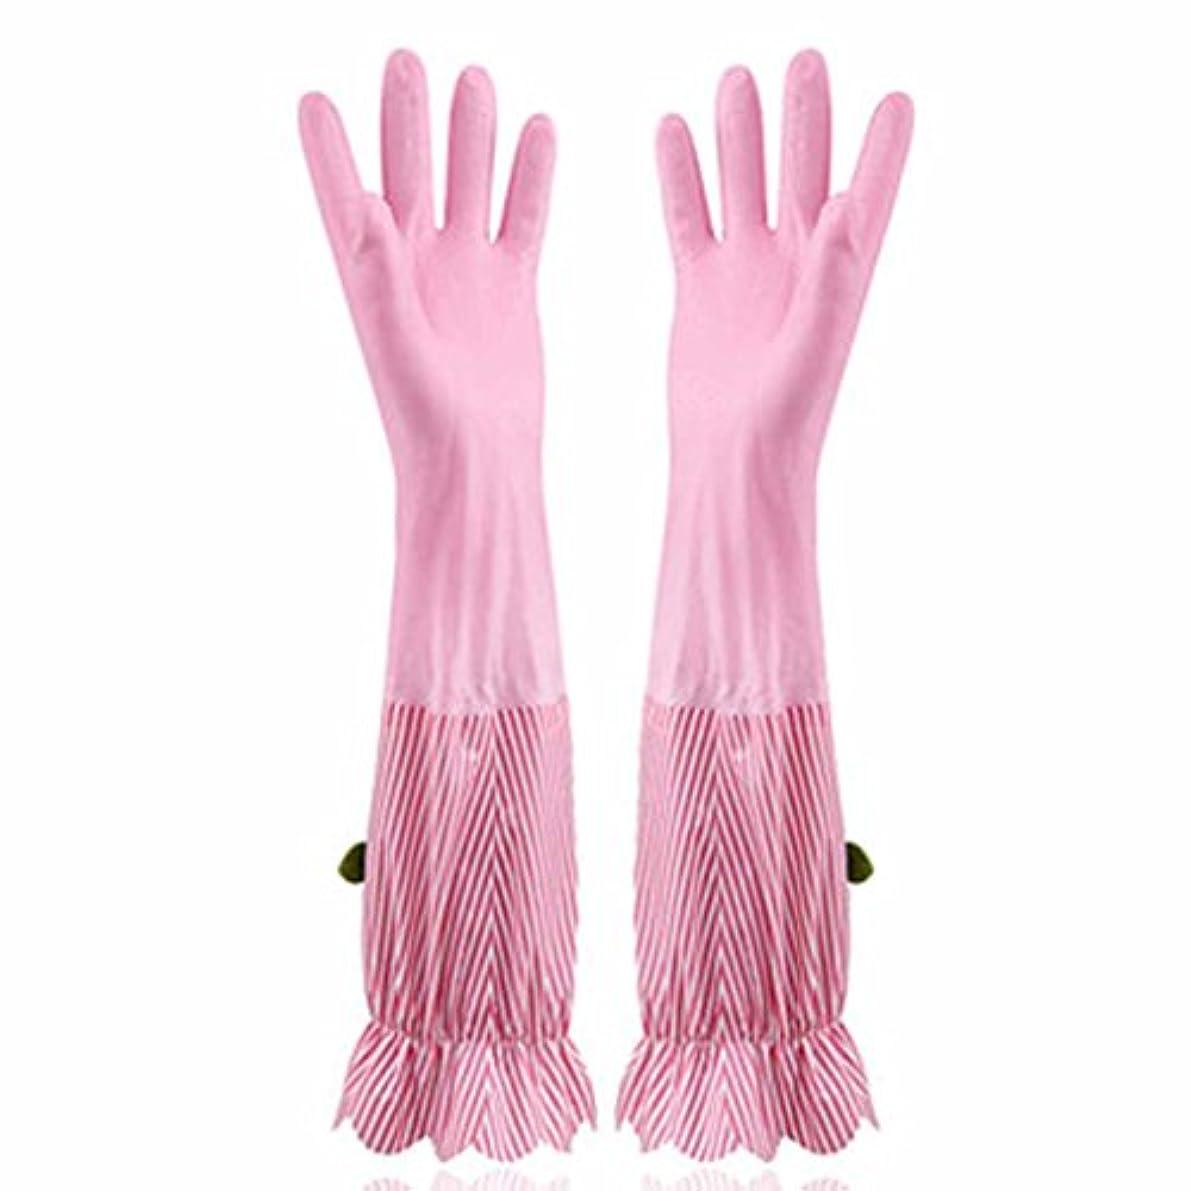 ゴネリルタンカーアイロニー使い捨て手袋 プラスベルベット暖かい食器洗い手袋キッチン家庭防水耐久手袋 (Size : Four pairs)